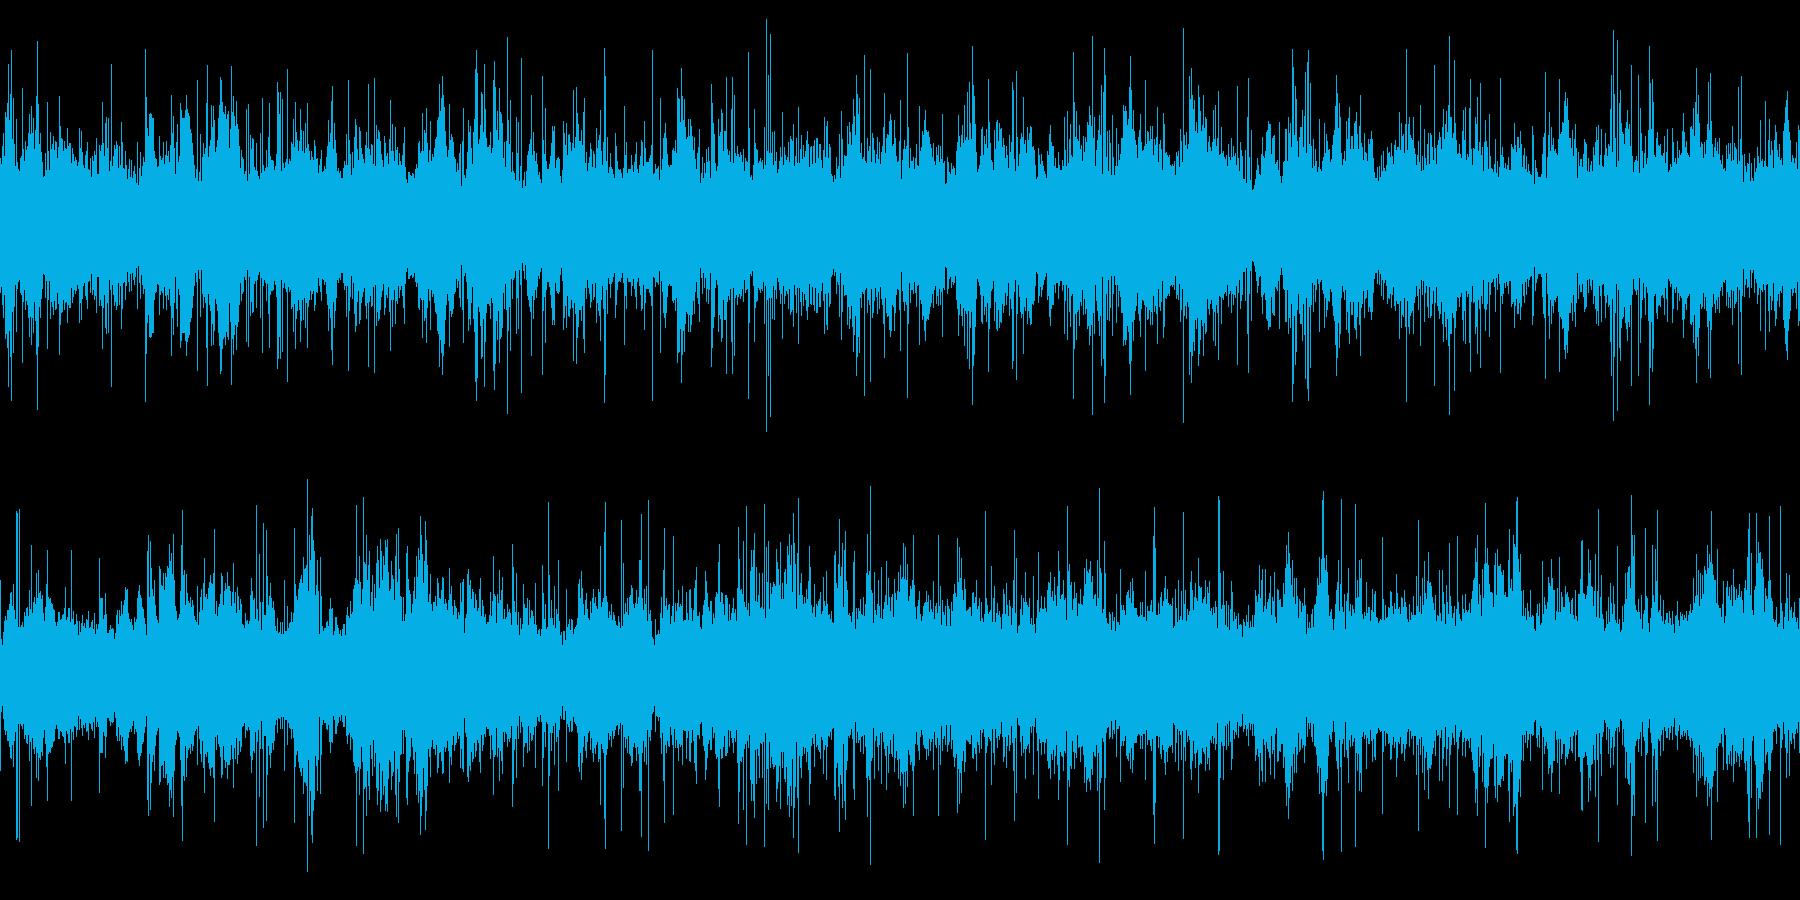 ループ再生可能!3分間の水中音・ポコポコの再生済みの波形